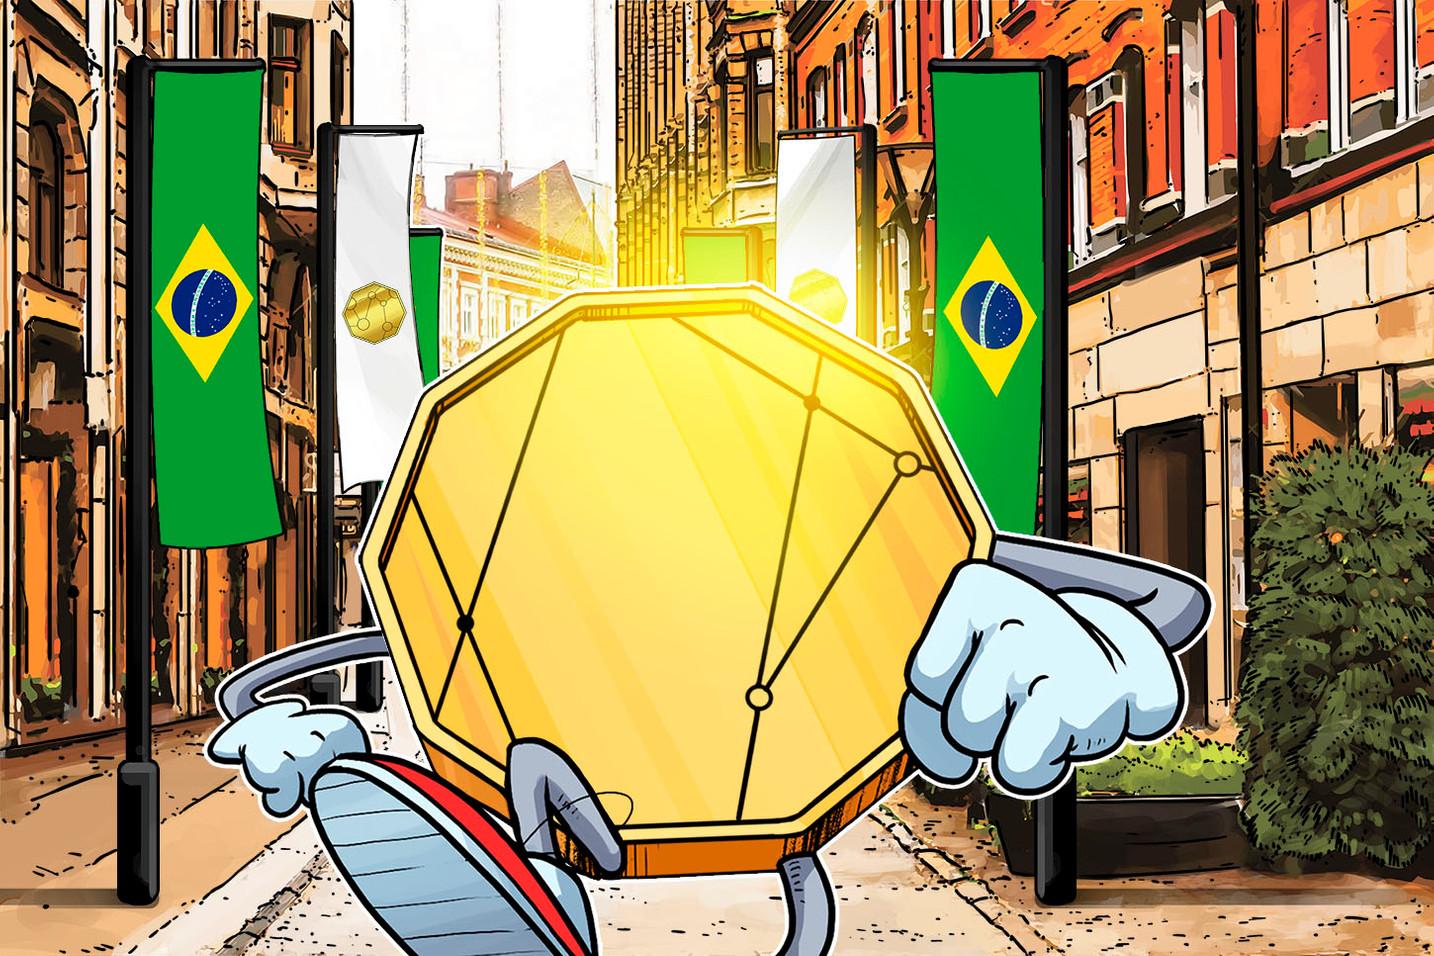 Grandes clubes do futebol brasileiro se reúnem para discutir fundação de nova entidade e planejam até criptomoeda